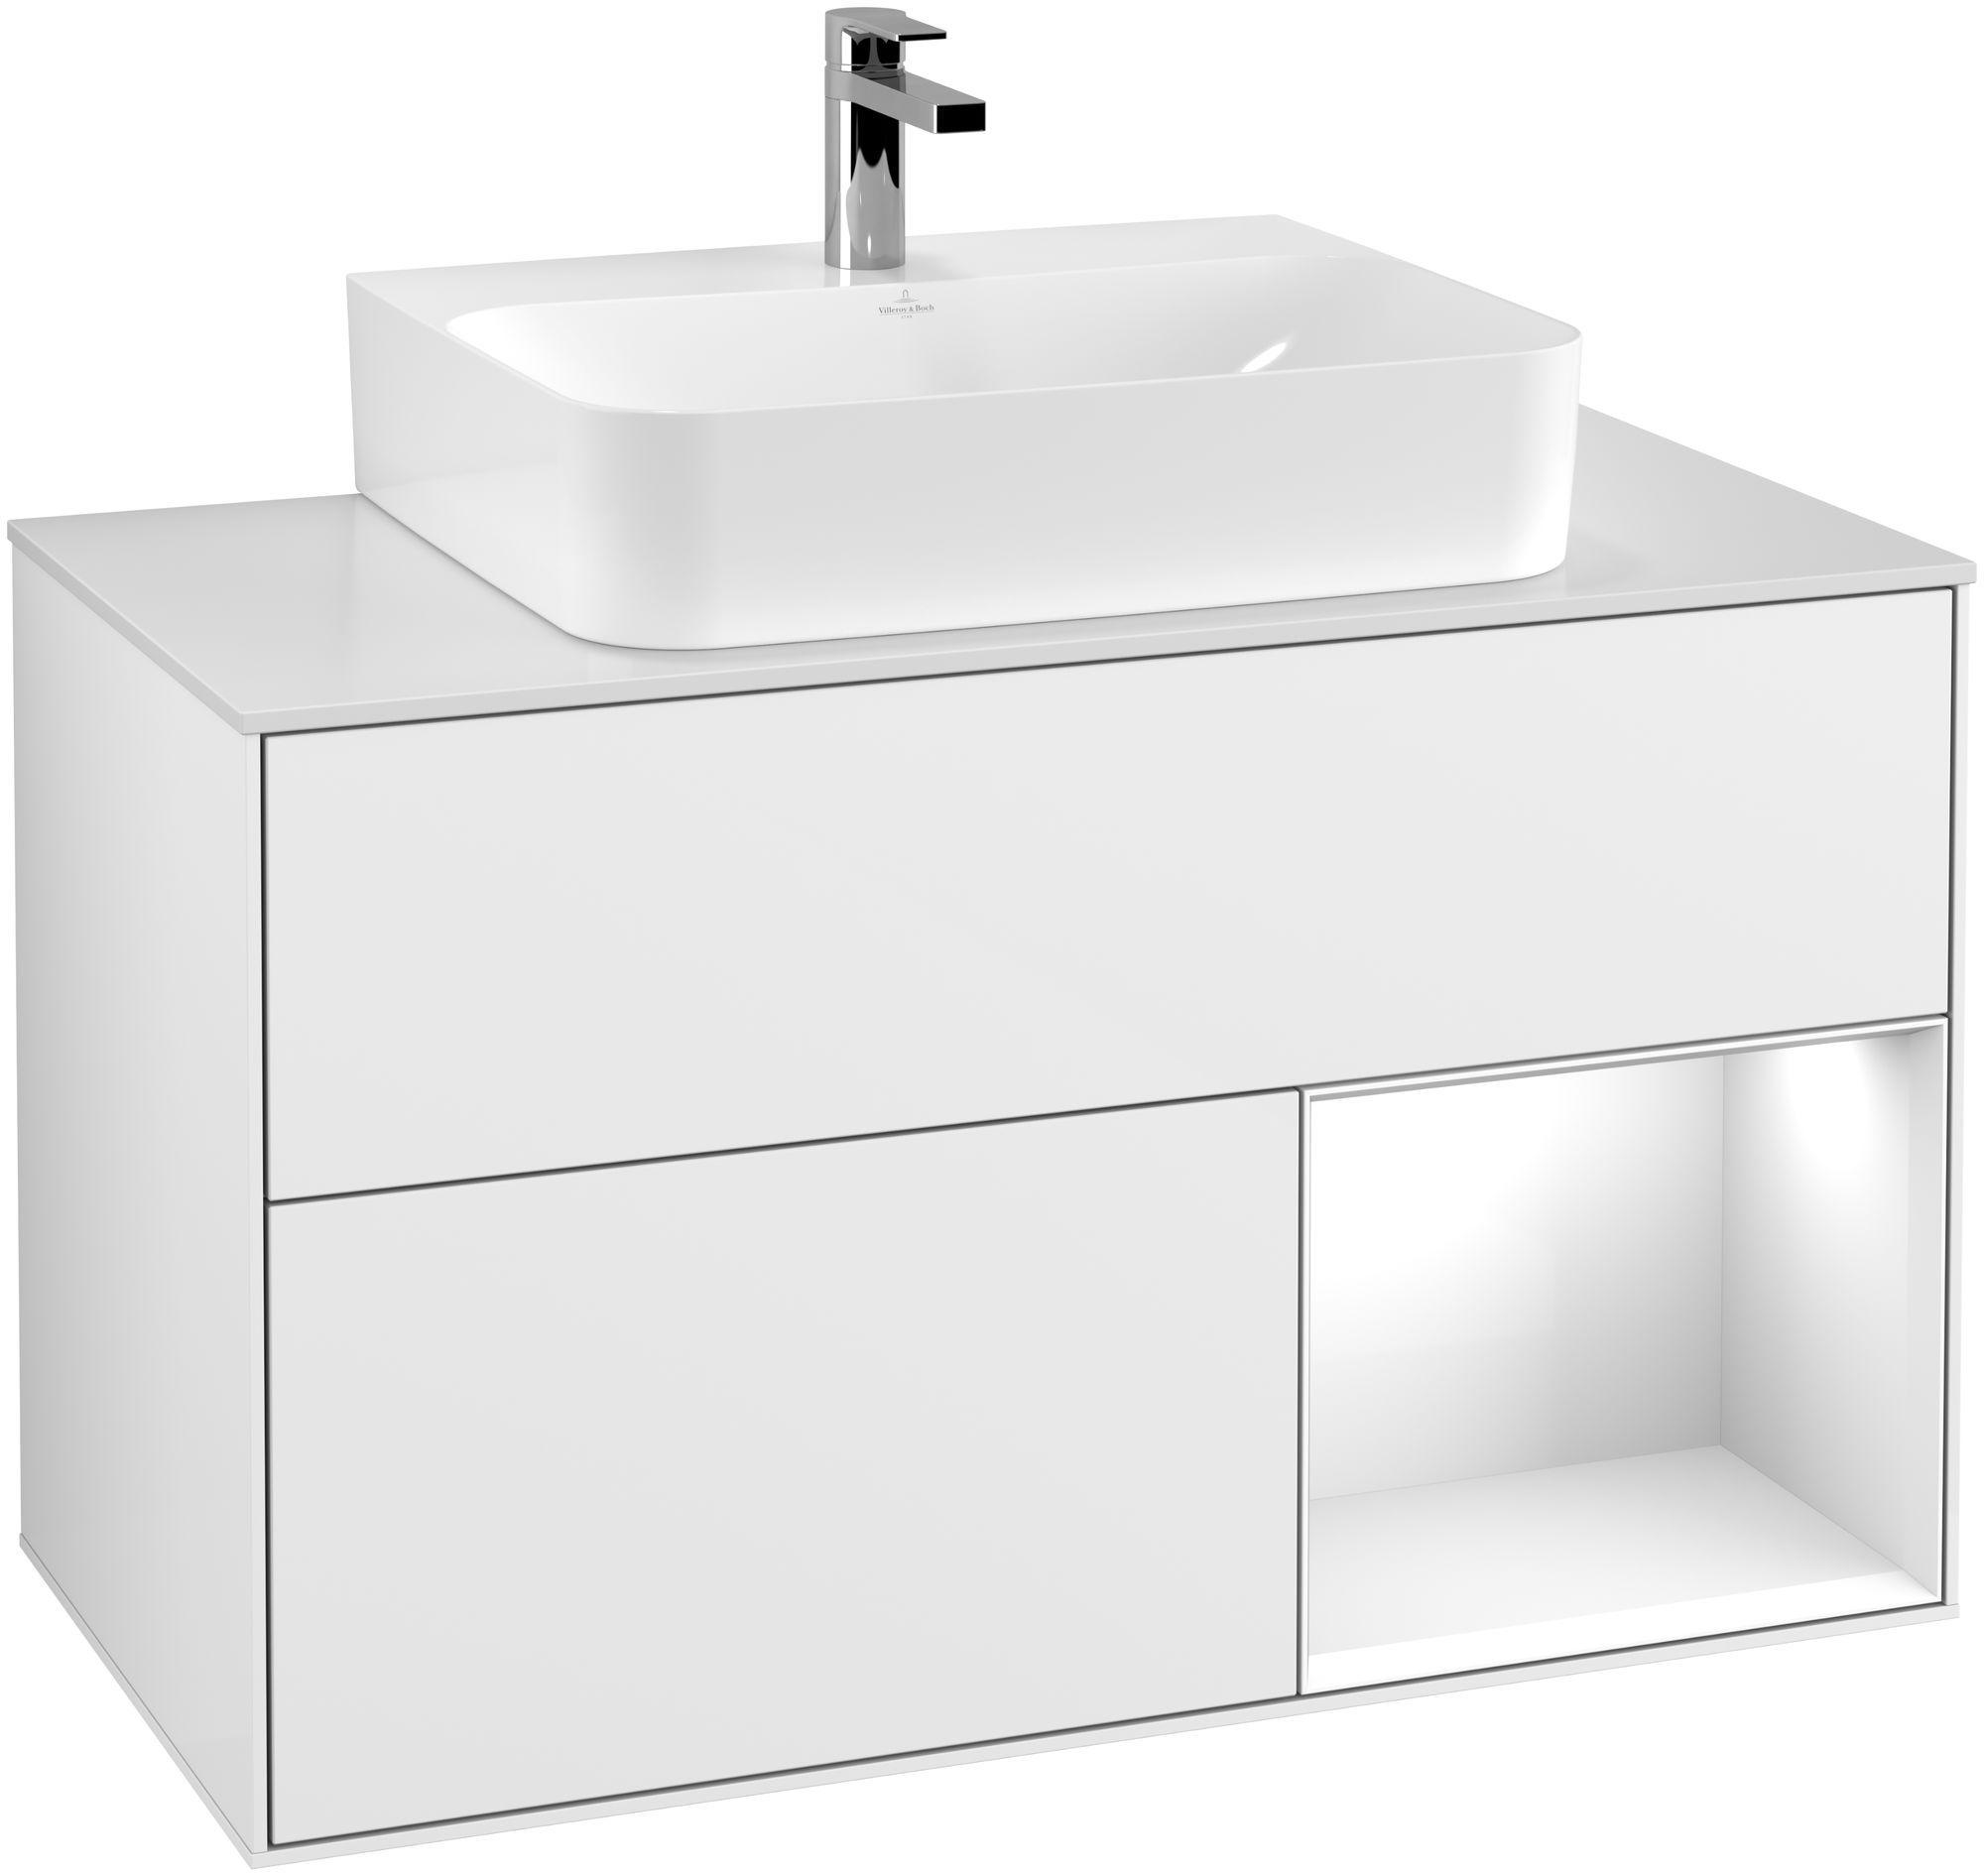 Villeroy & Boch Finion F12 Waschtischunterschrank mit Regalelement 2 Auszüge Waschtisch mittig LED-Beleuchtung B:100xH:60,3xT:50,1cm Front, Korpus: Glossy White Lack, Glasplatte: White Matt F121GFGF